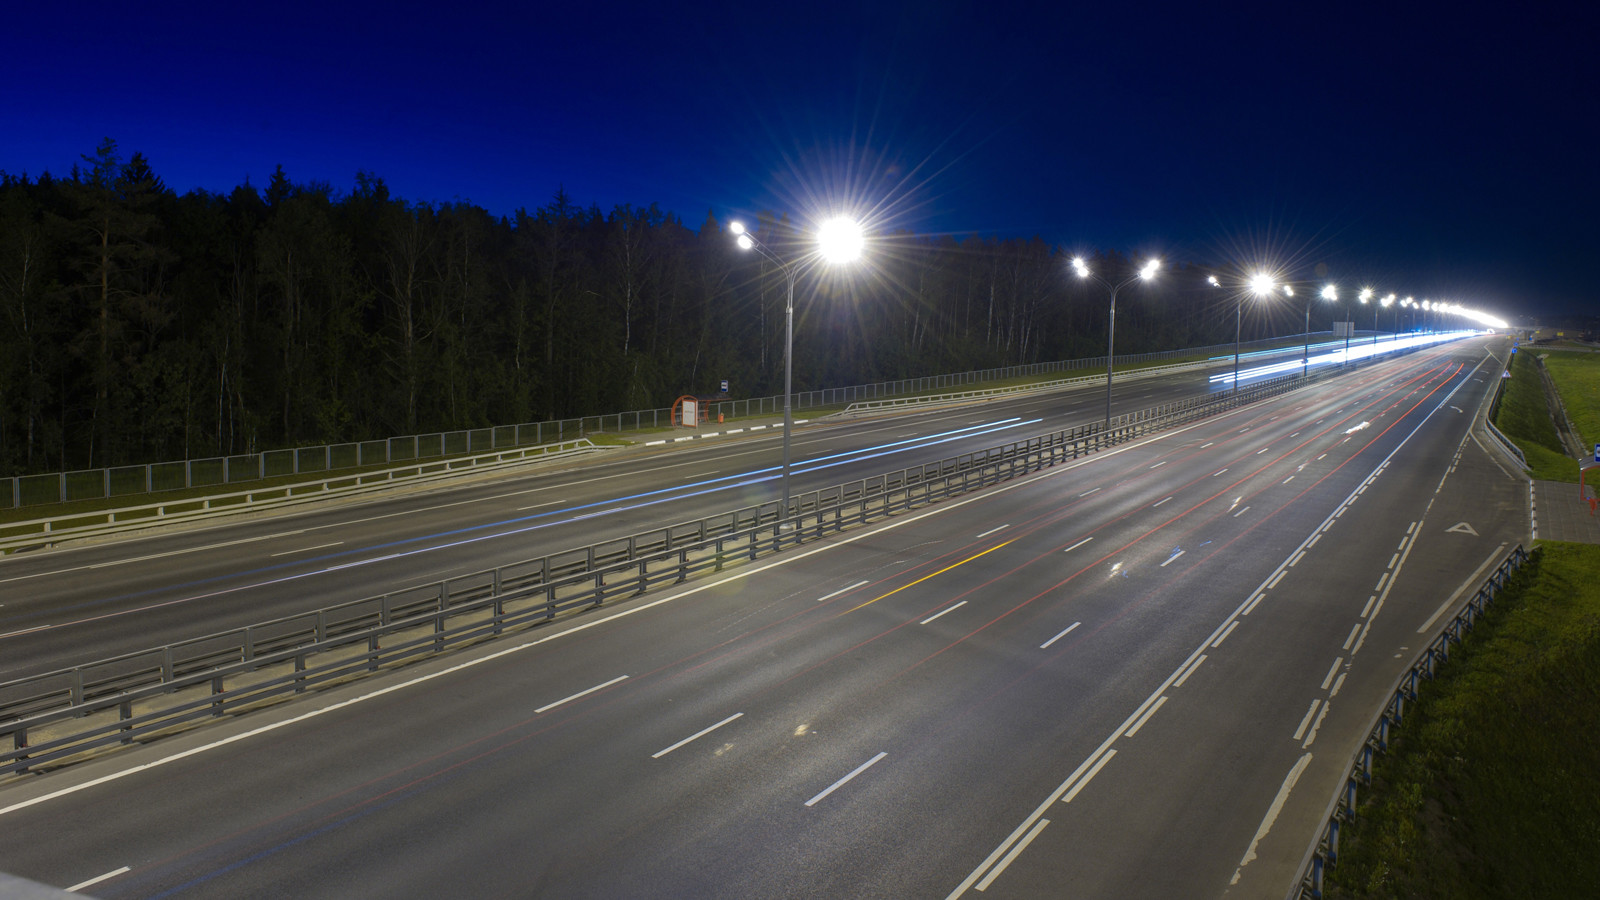 Светящееся втемноте дорожное покрытие задумали опробовать в РФ